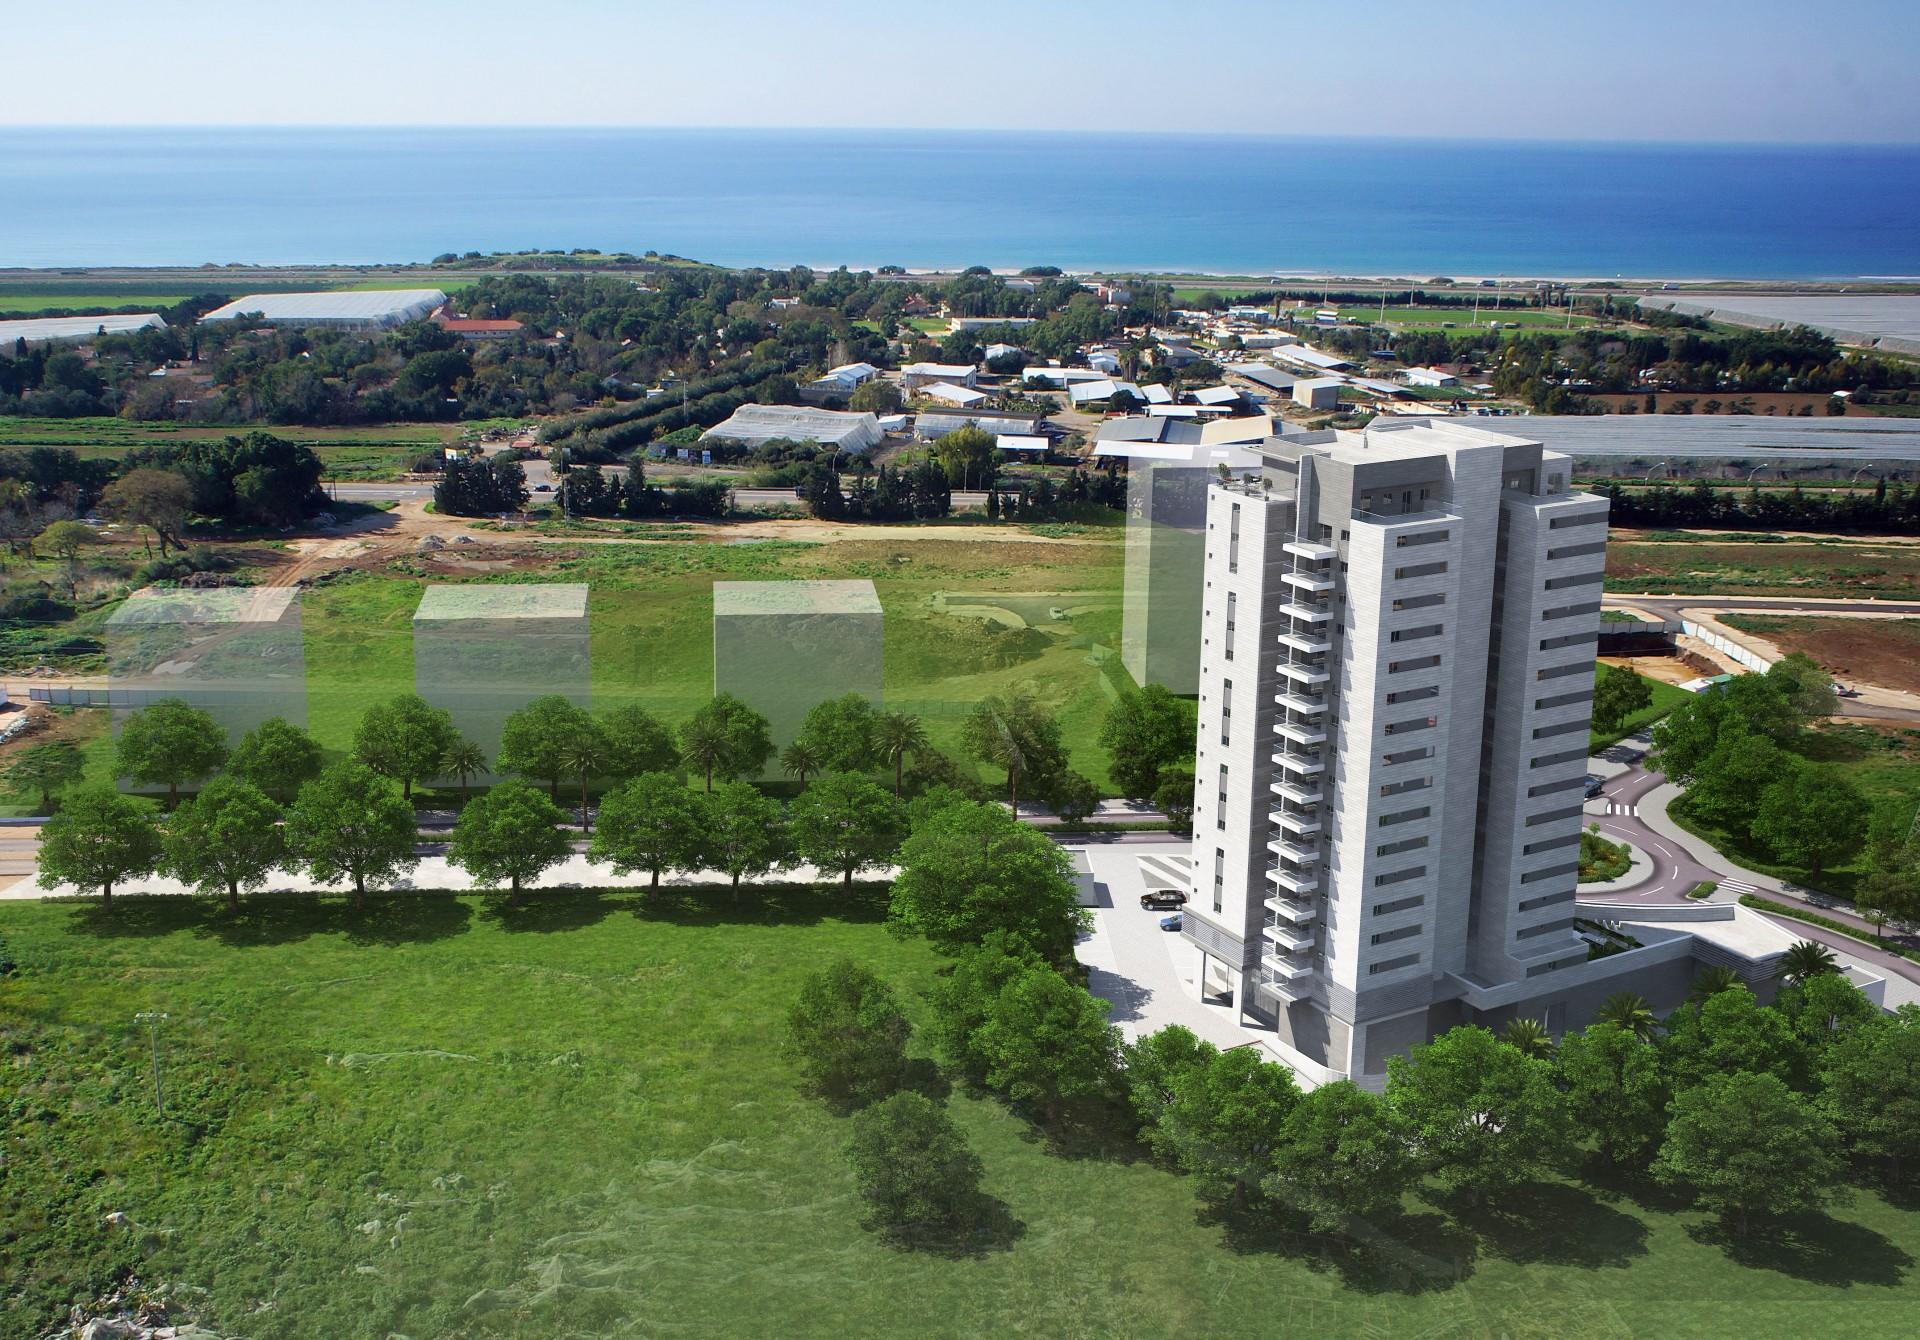 דירות להשקעה בטירת הכרמל, דירה להשקעה בחיפה